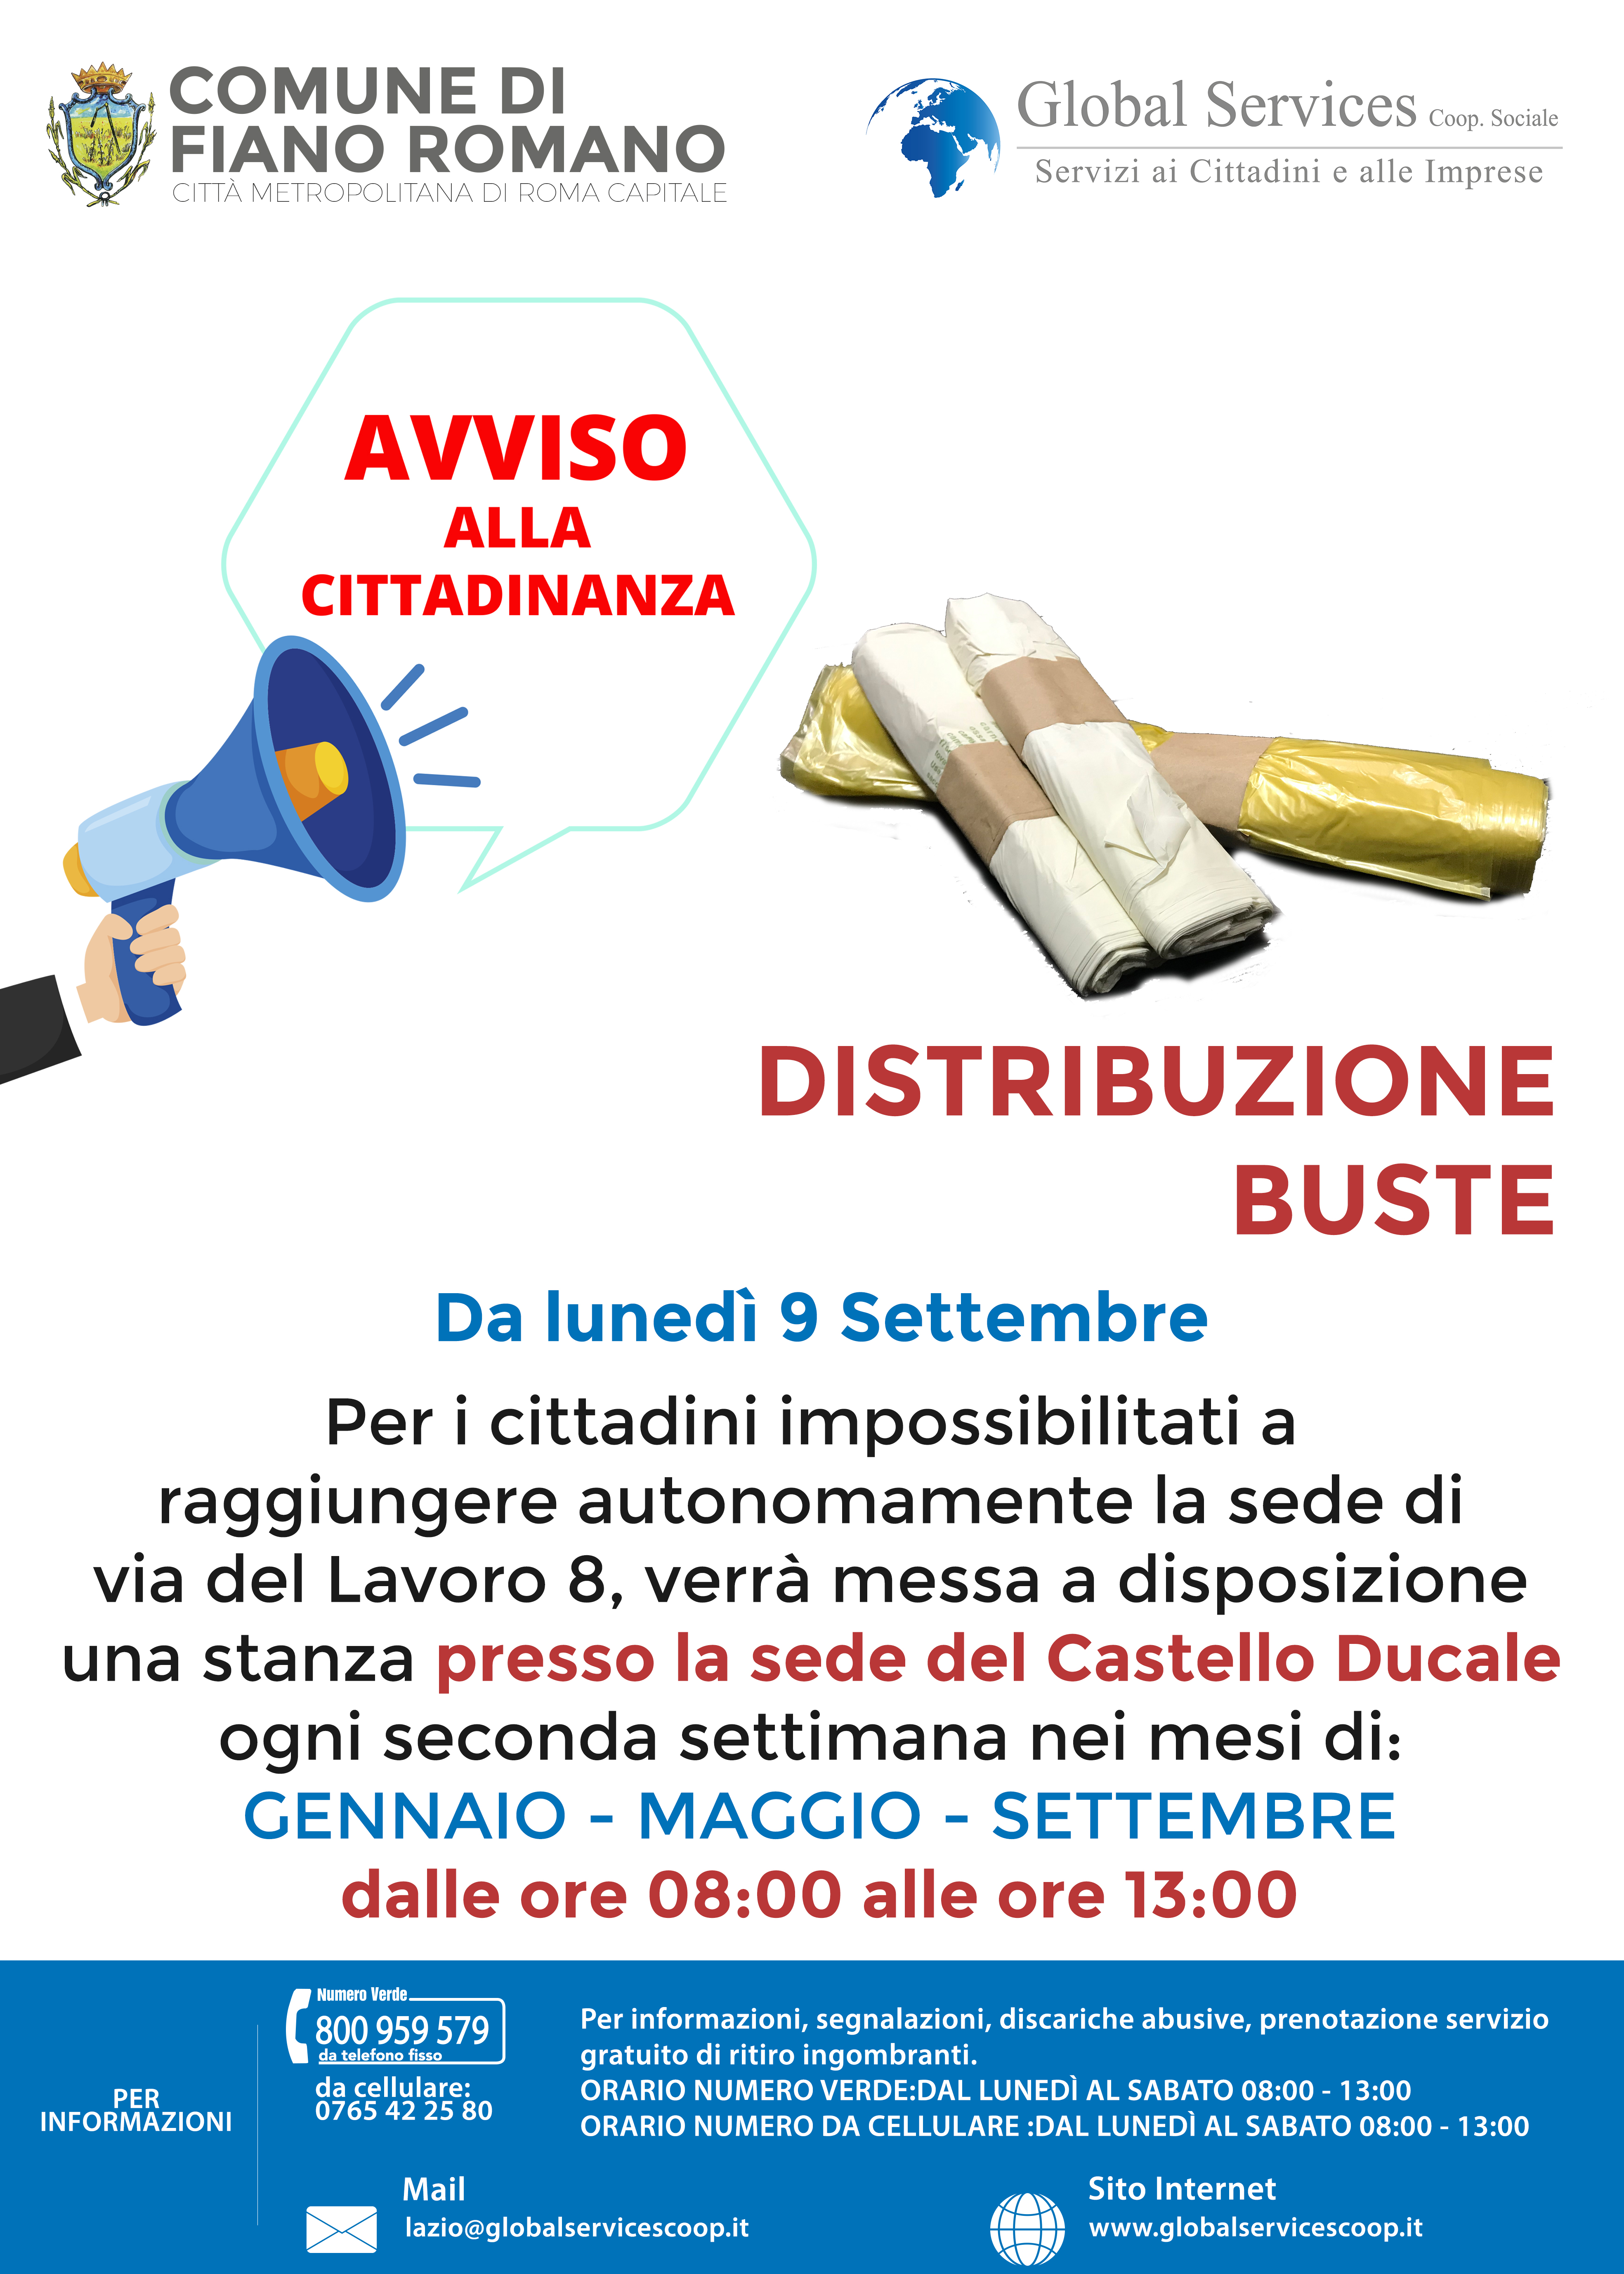 Fiano Romano: distribuzione buste